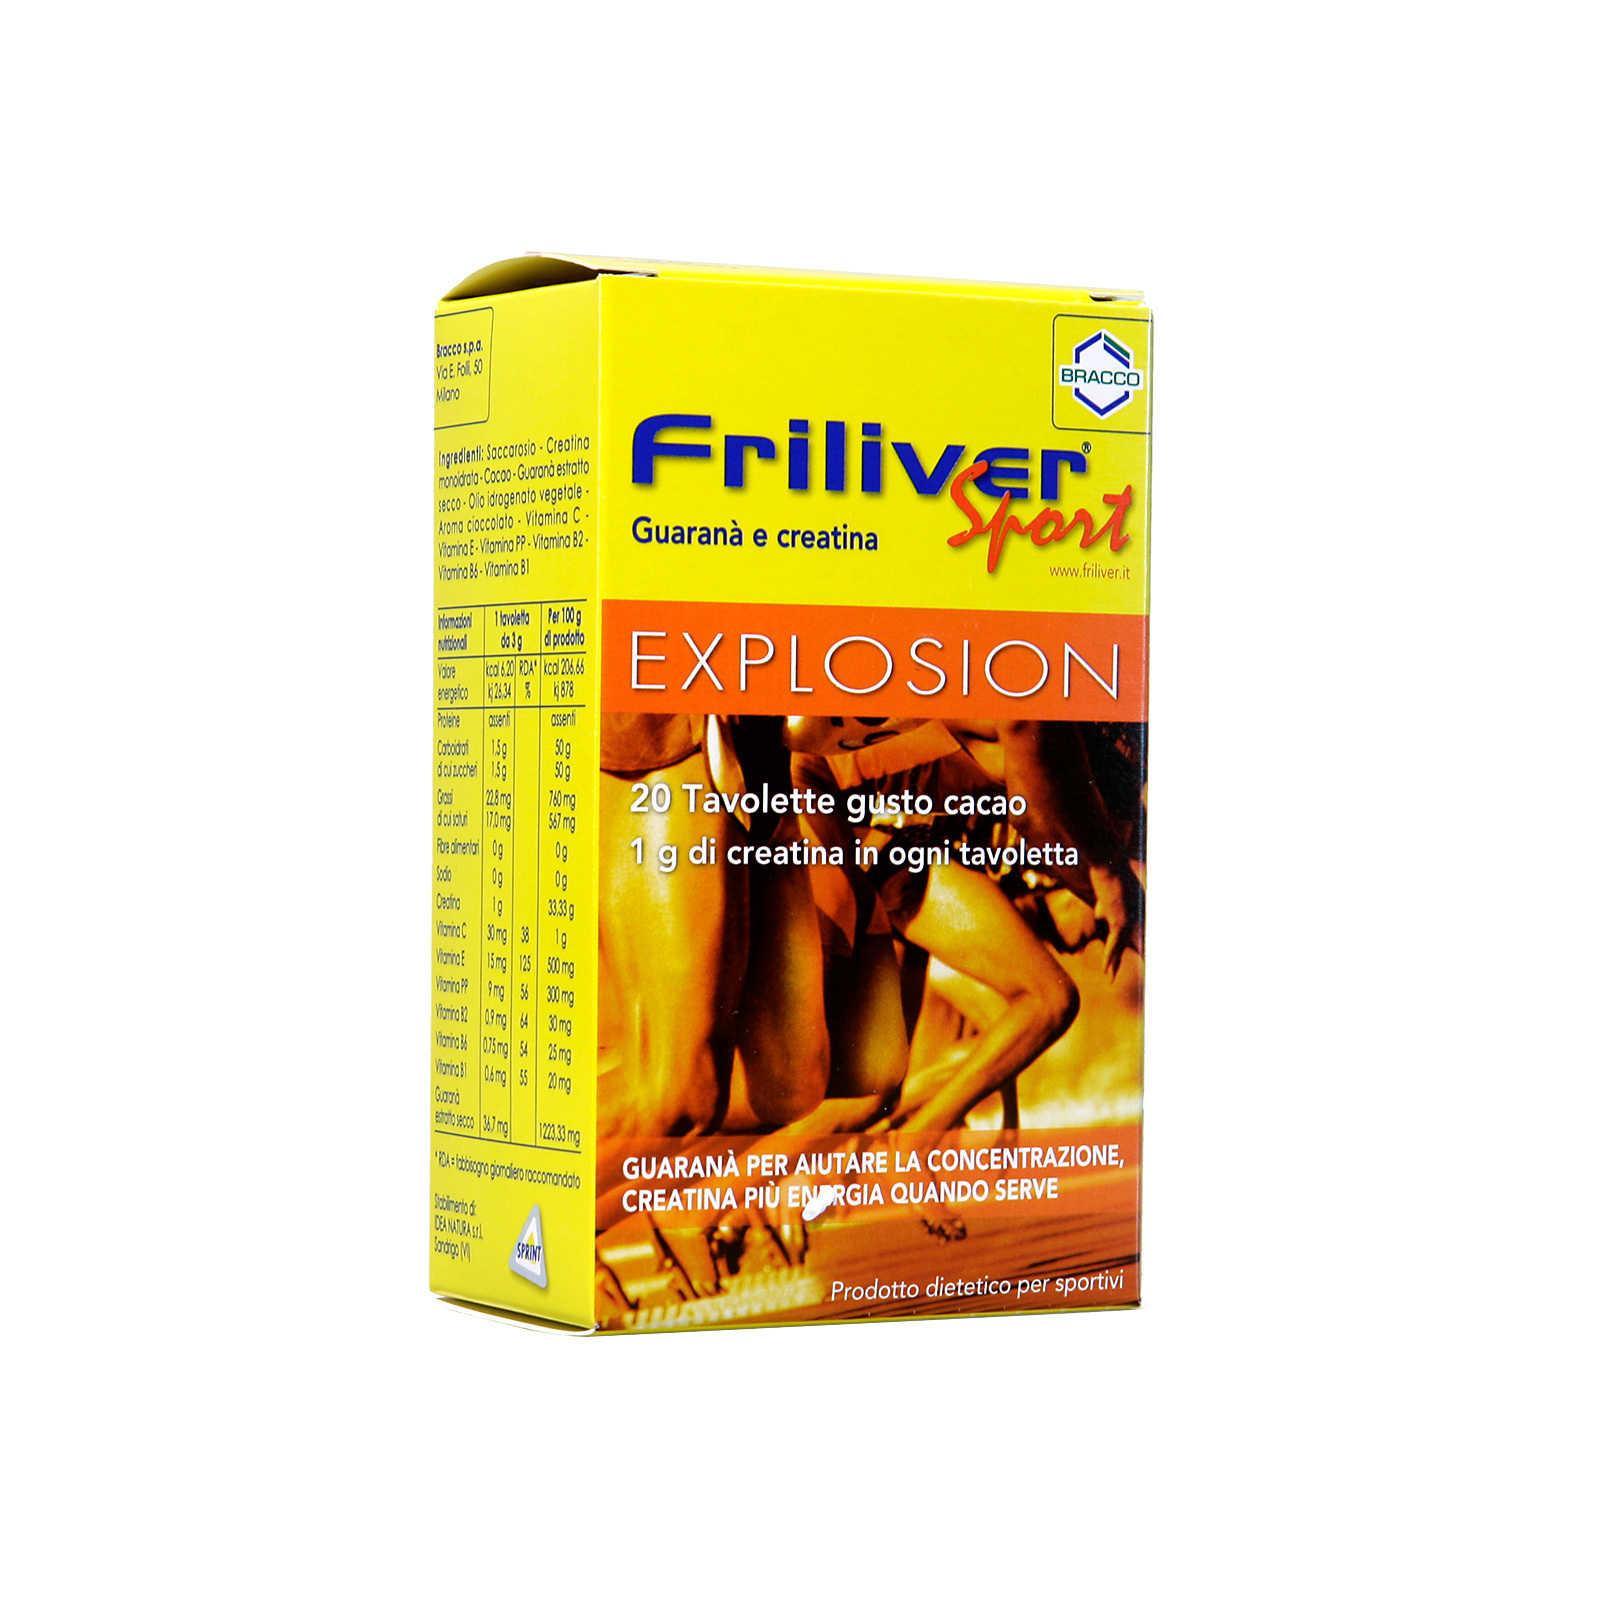 Friliver - Integratore Sprtivo - Energy - Creatina e Guaranà